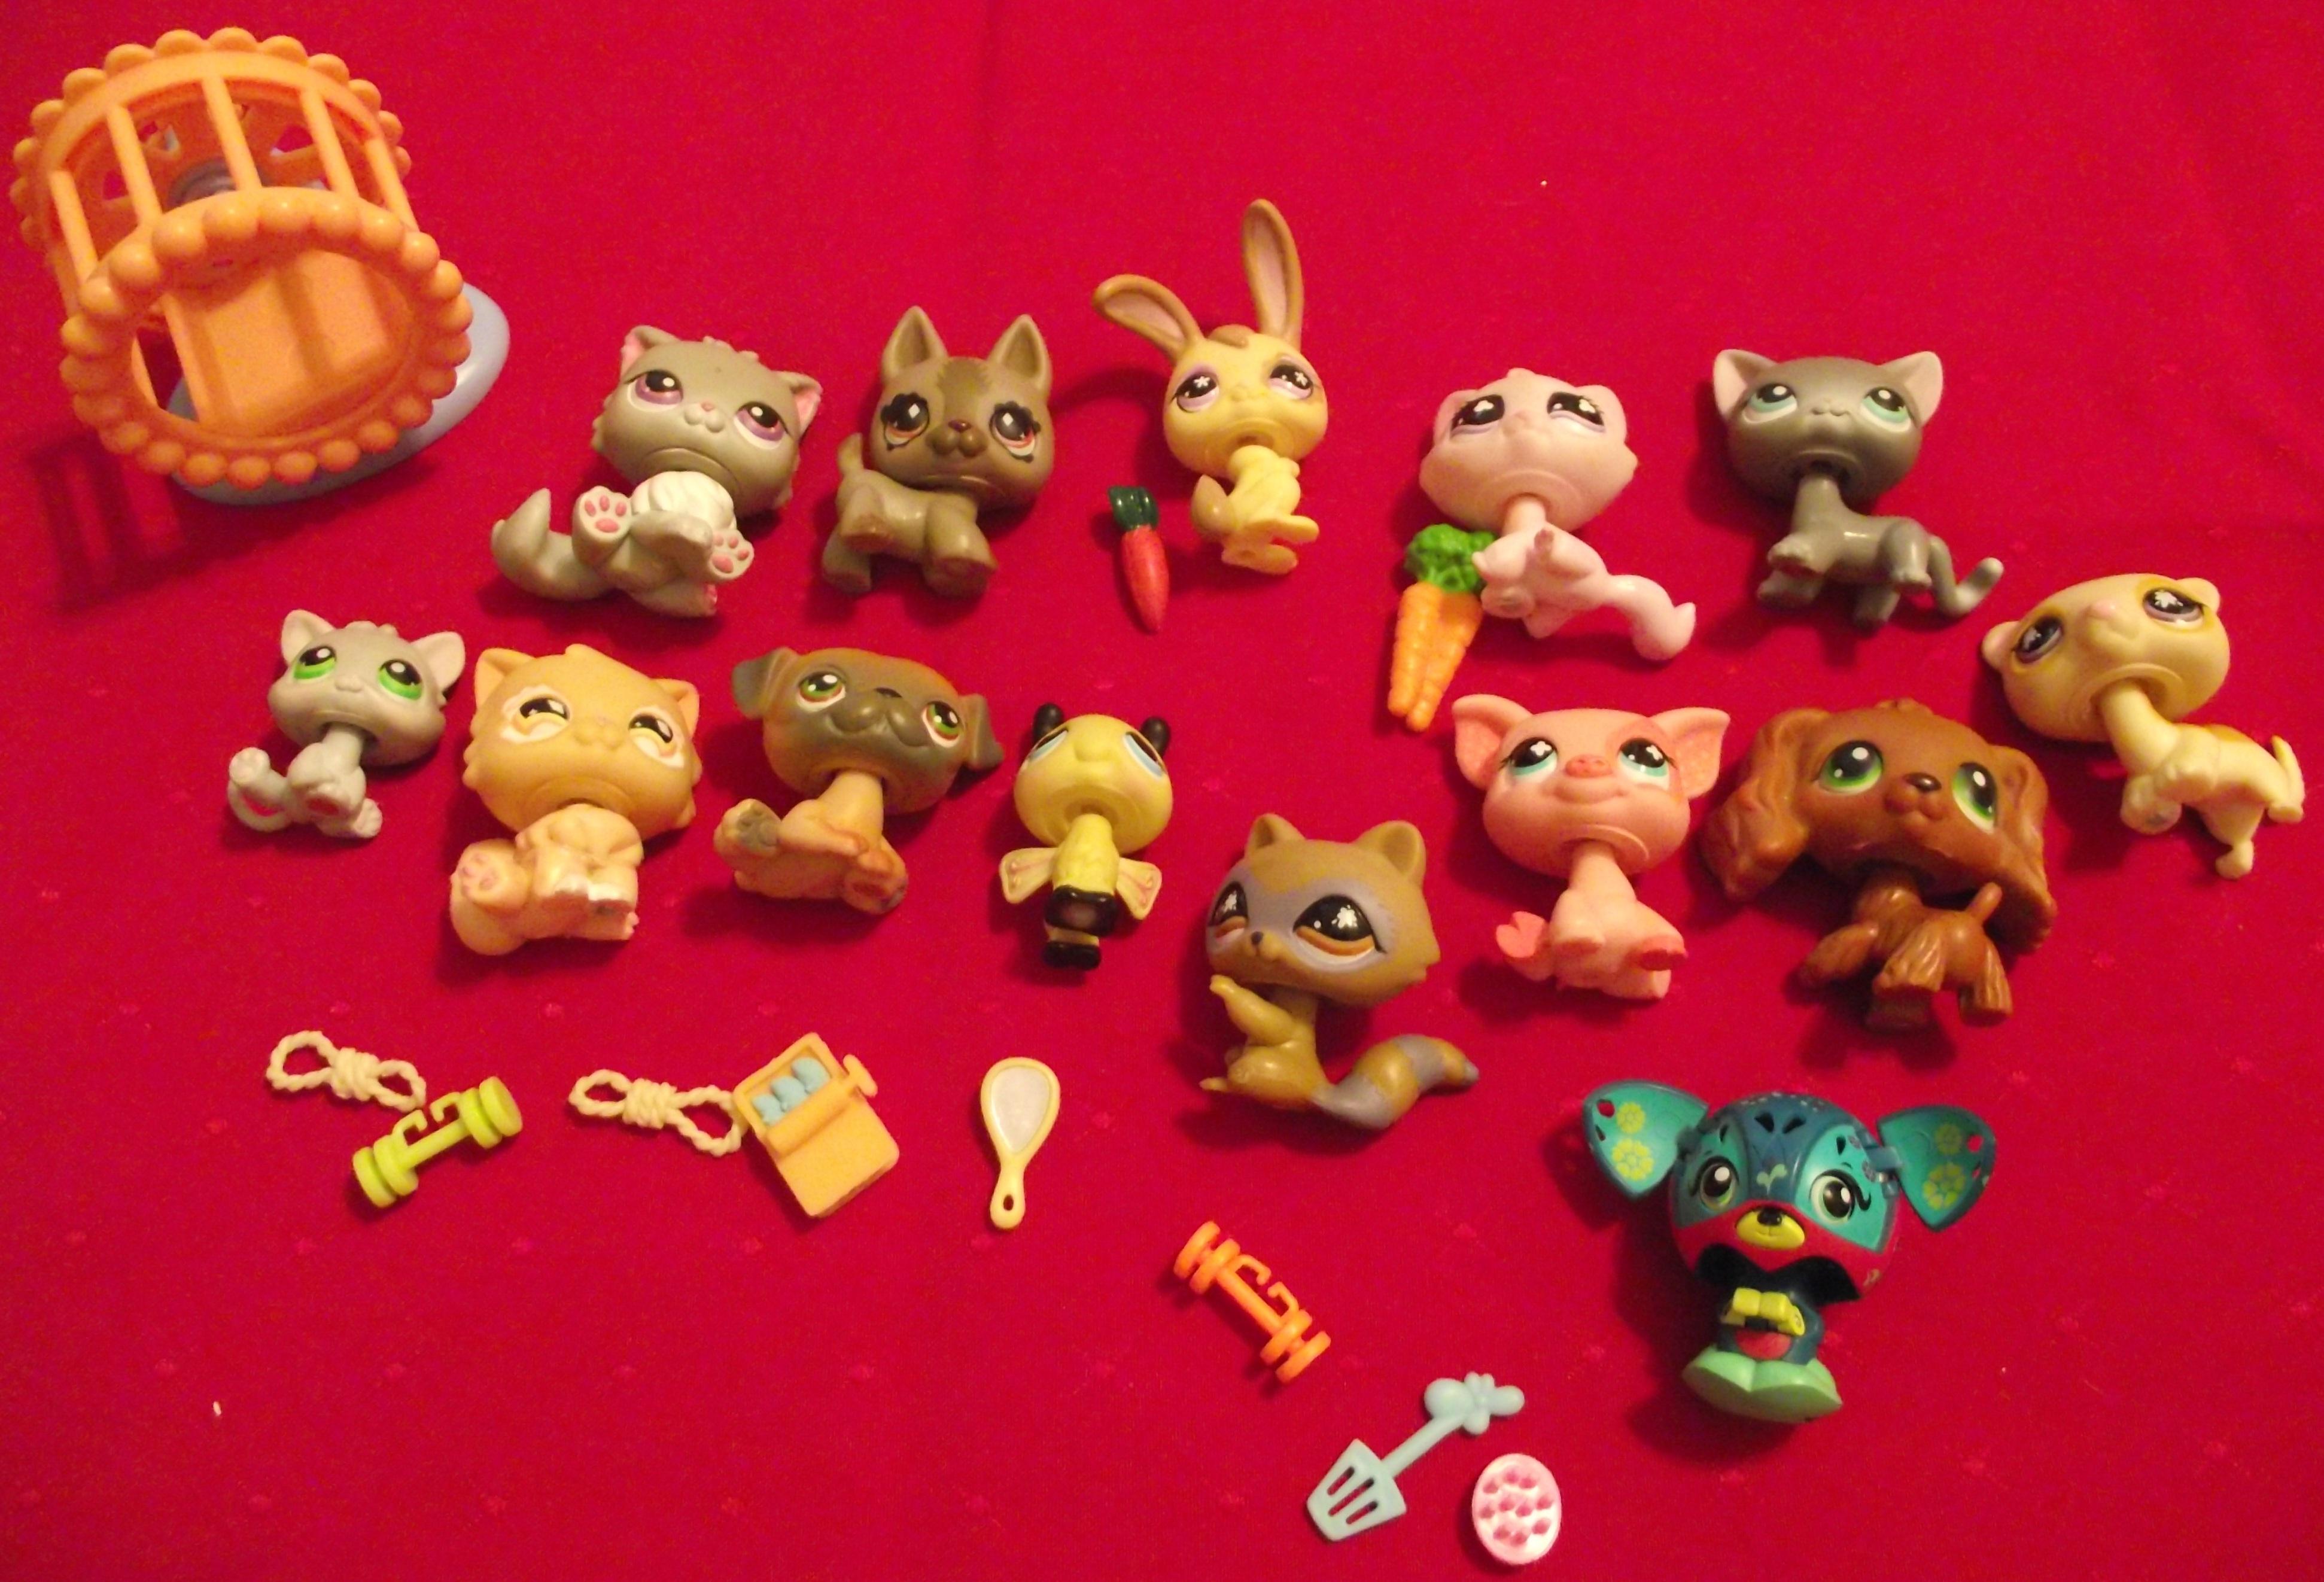 Lot: 14 Littlest Pet Shop Figures & Accessories